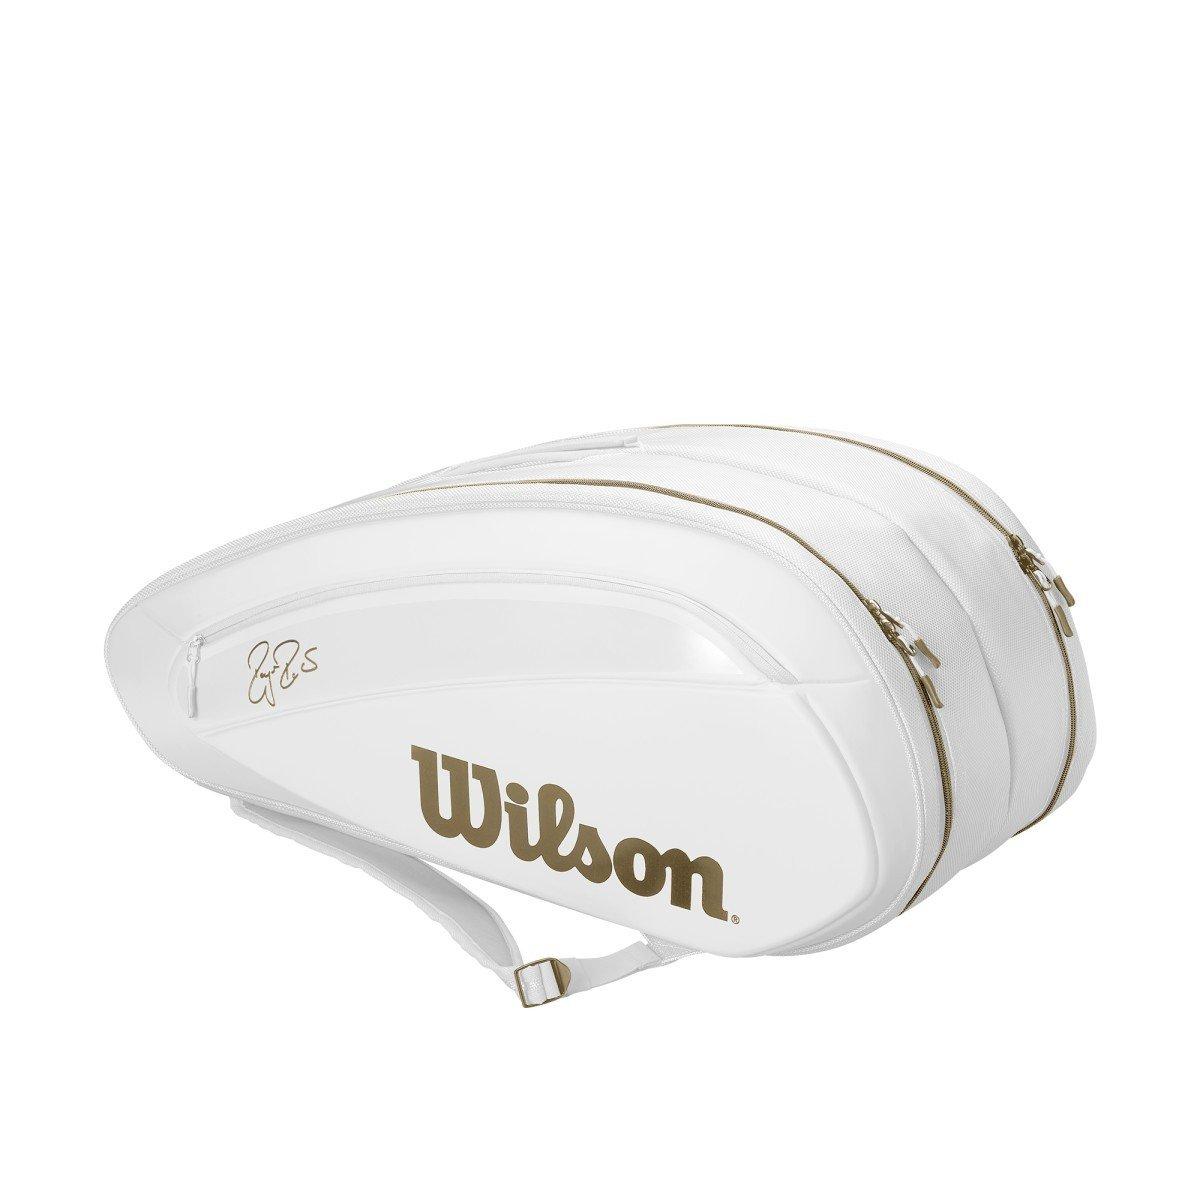 Wilson Tennis Bag – Federer DNA 12-Pack Bag (White)